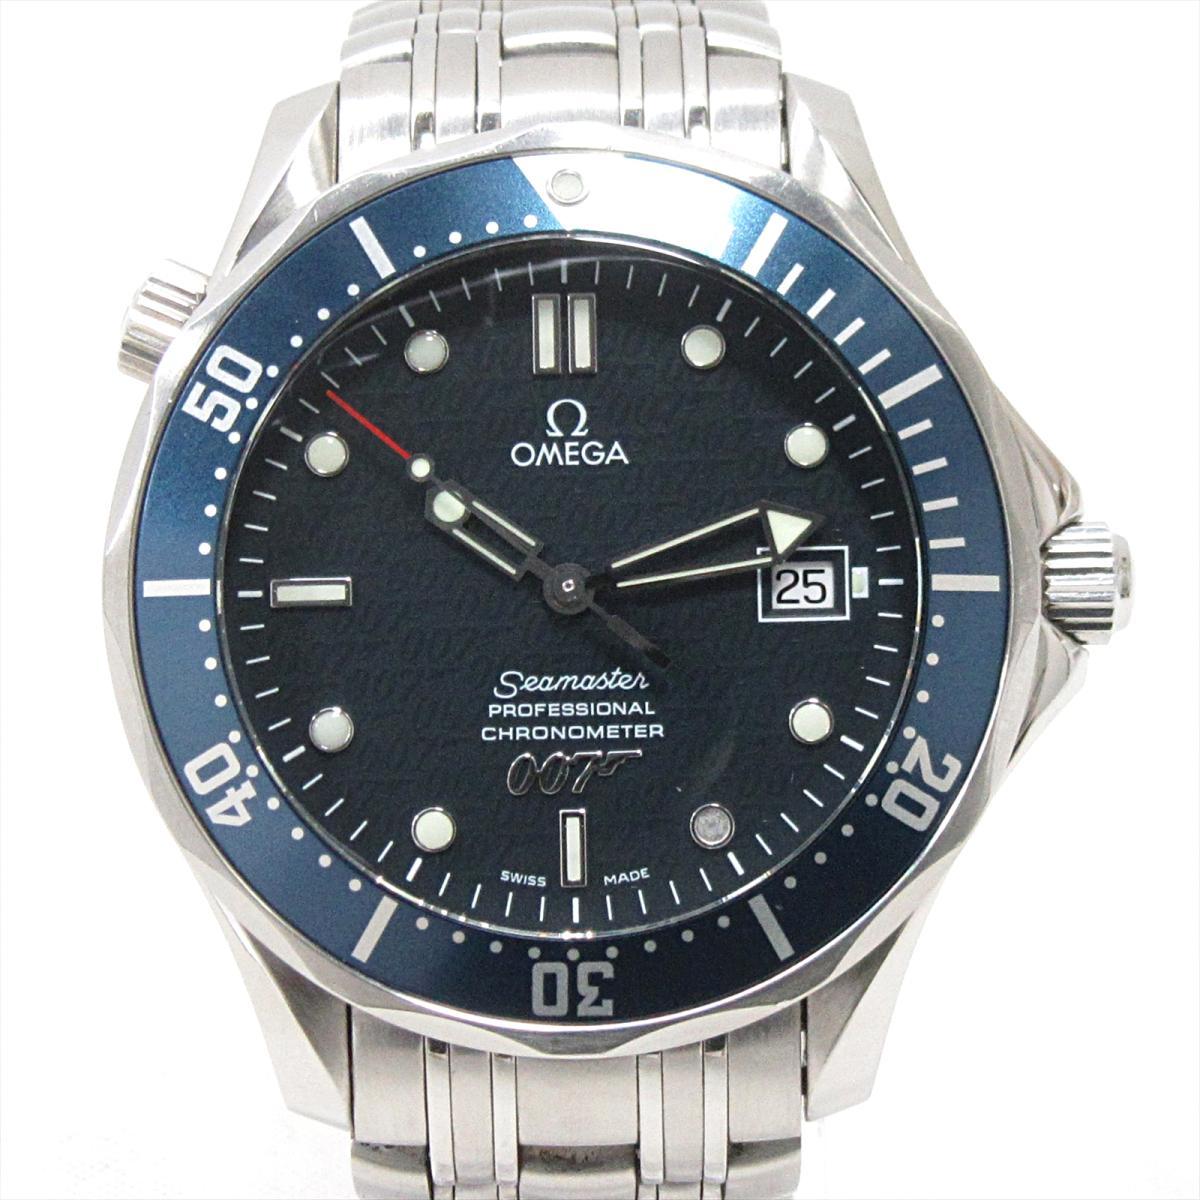 シーマスター007 腕時計★レア★SALE/お買得品